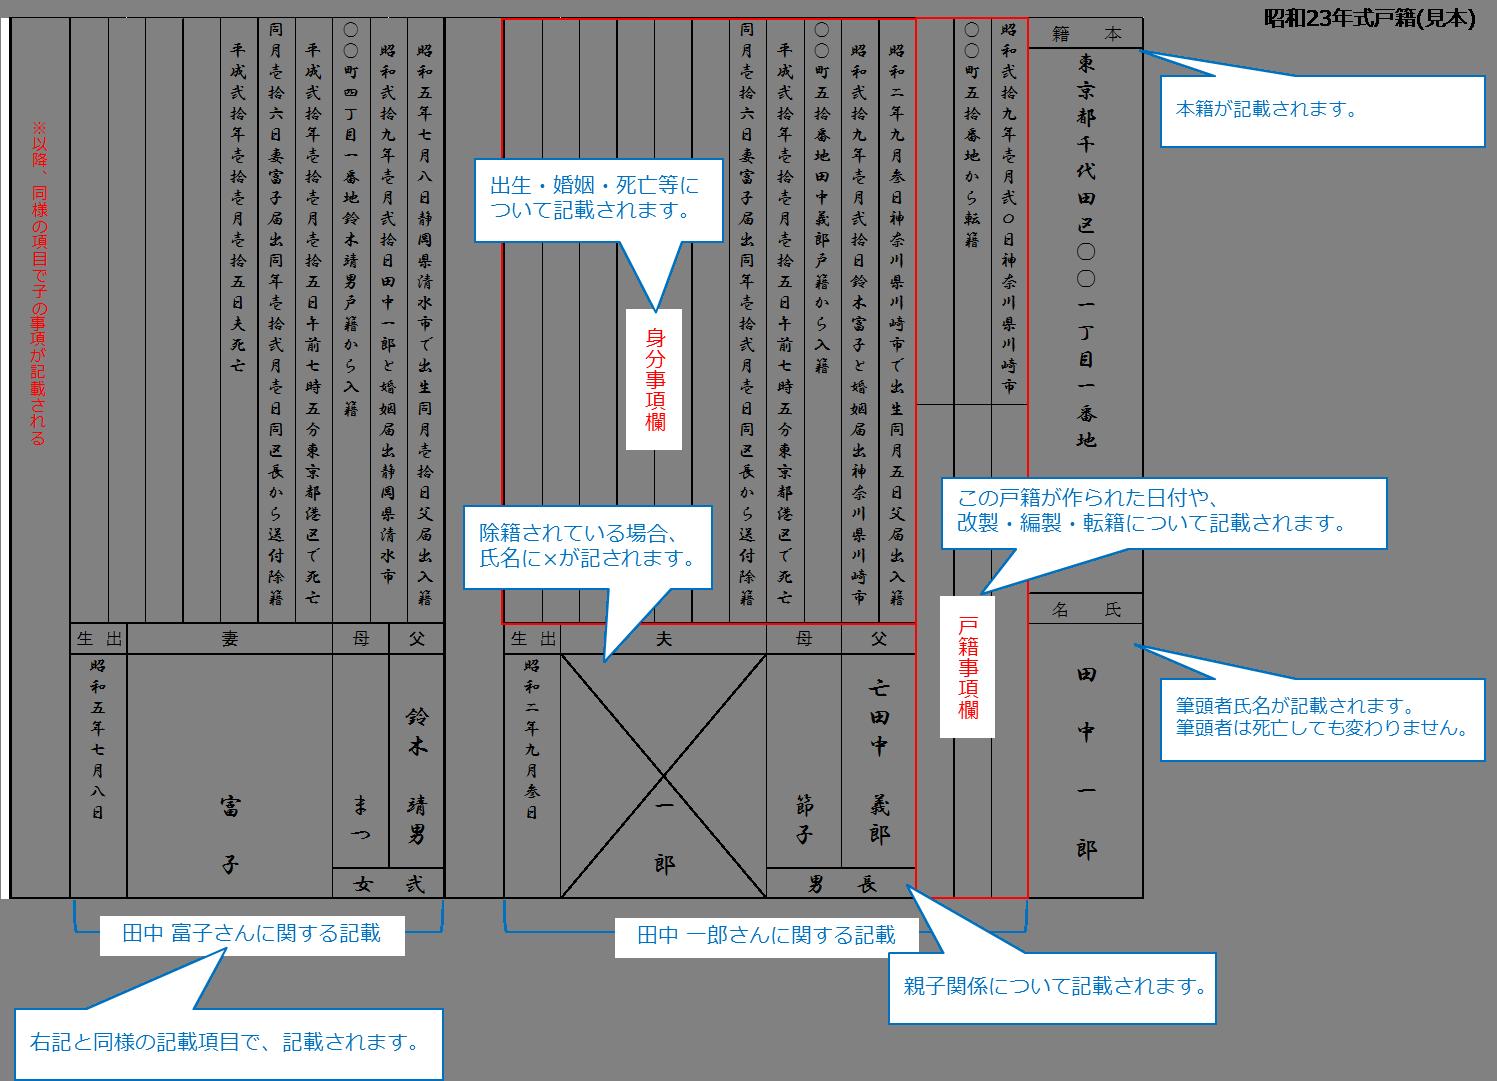 昭和23年式戸籍(図)